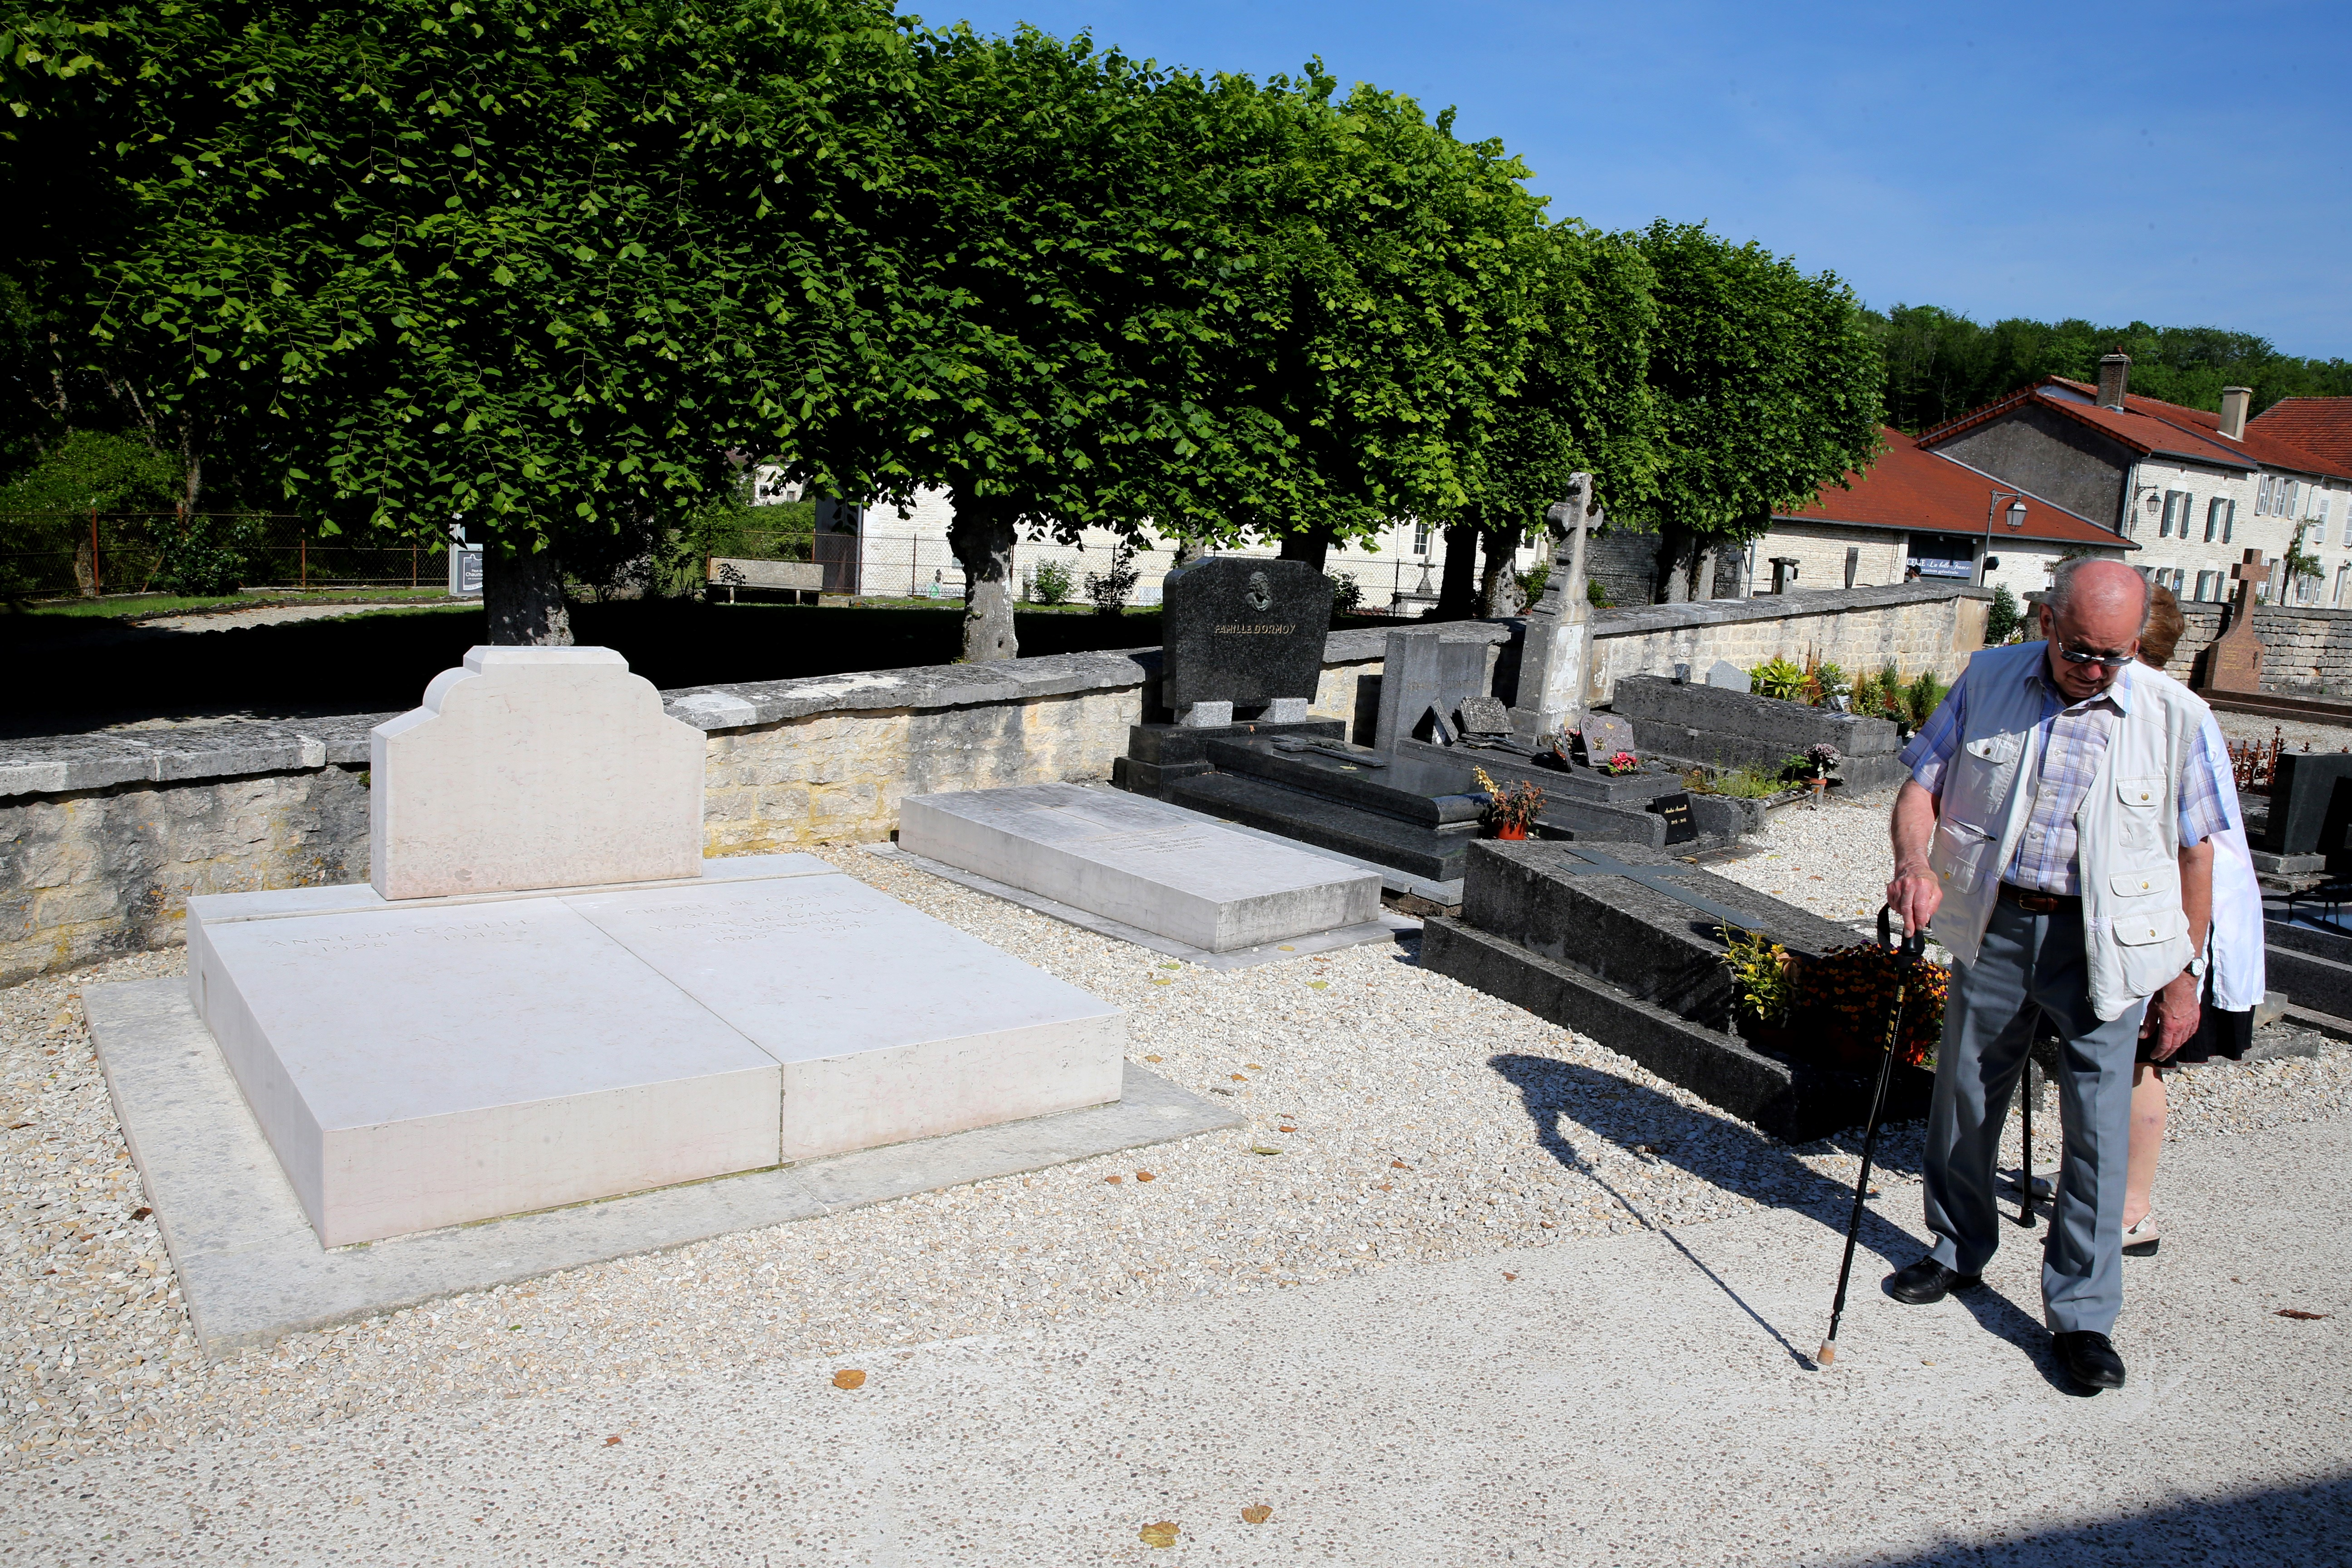 La tombe du général de Gaulle sans sa croix, à Colombey-les-deux-Églises, le 28